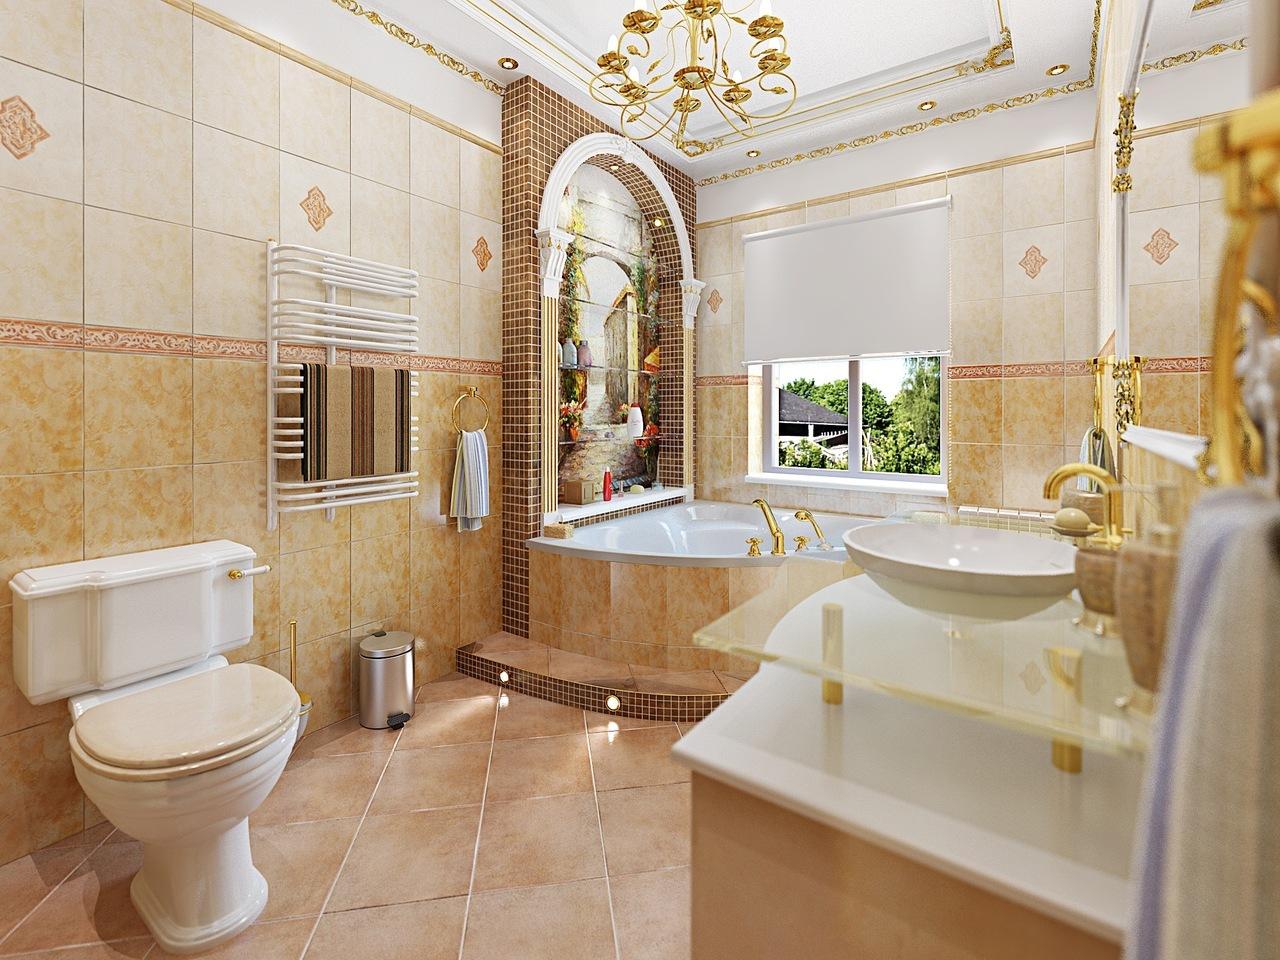 Стиль этой ванной комнаты классический с примесью итальянского стиля. Общее настроение — роскошь, богатство и изысканность.